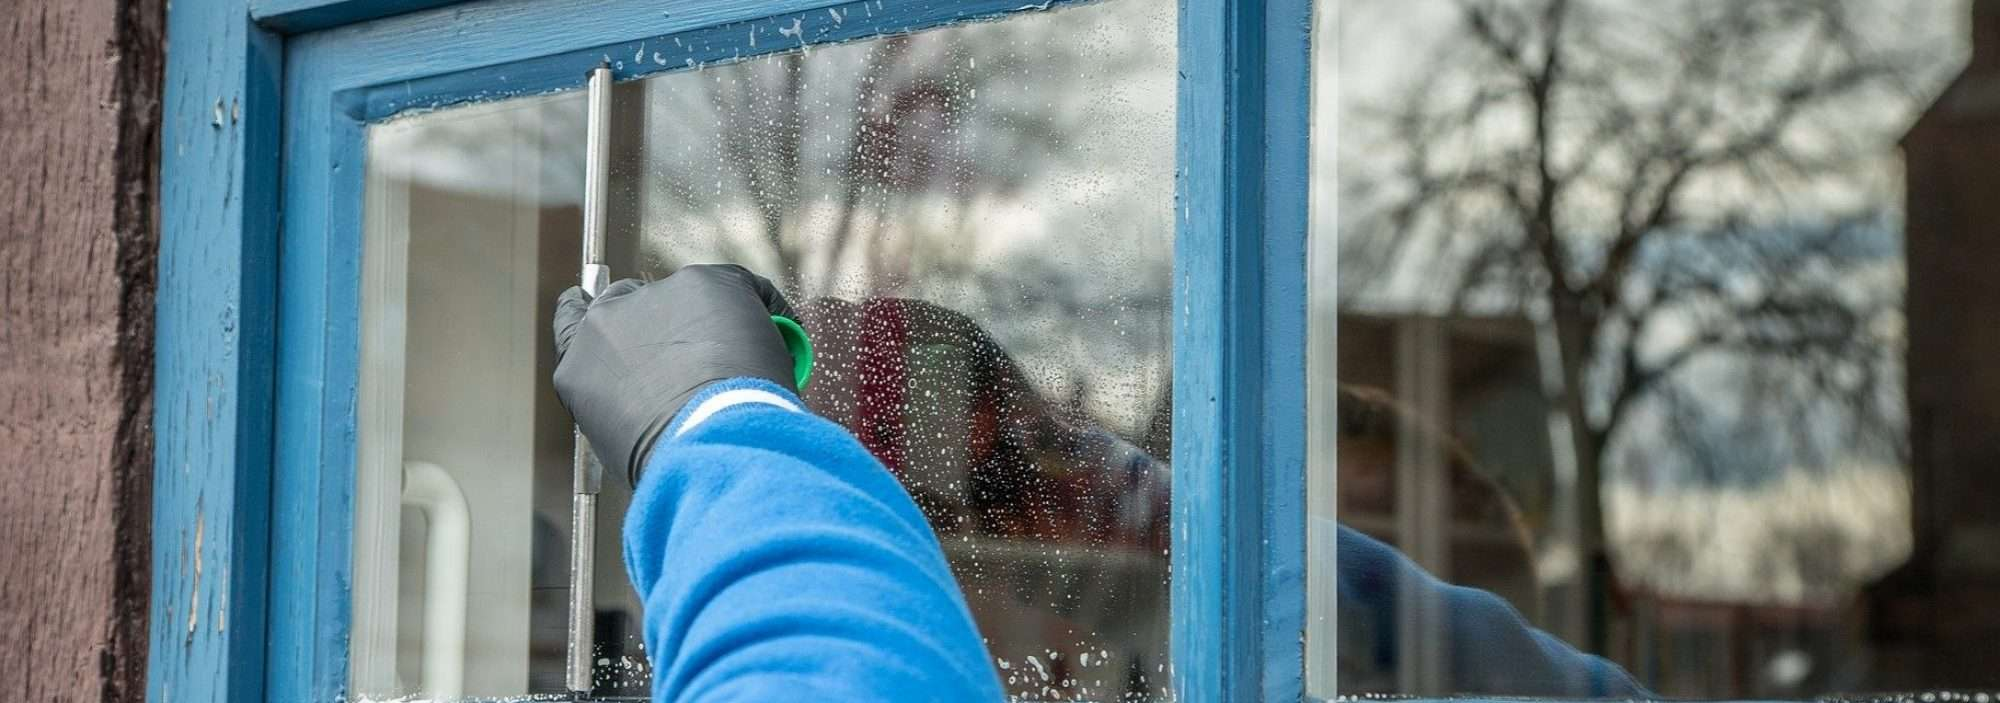 Scheibenwischer - Fensterputzer